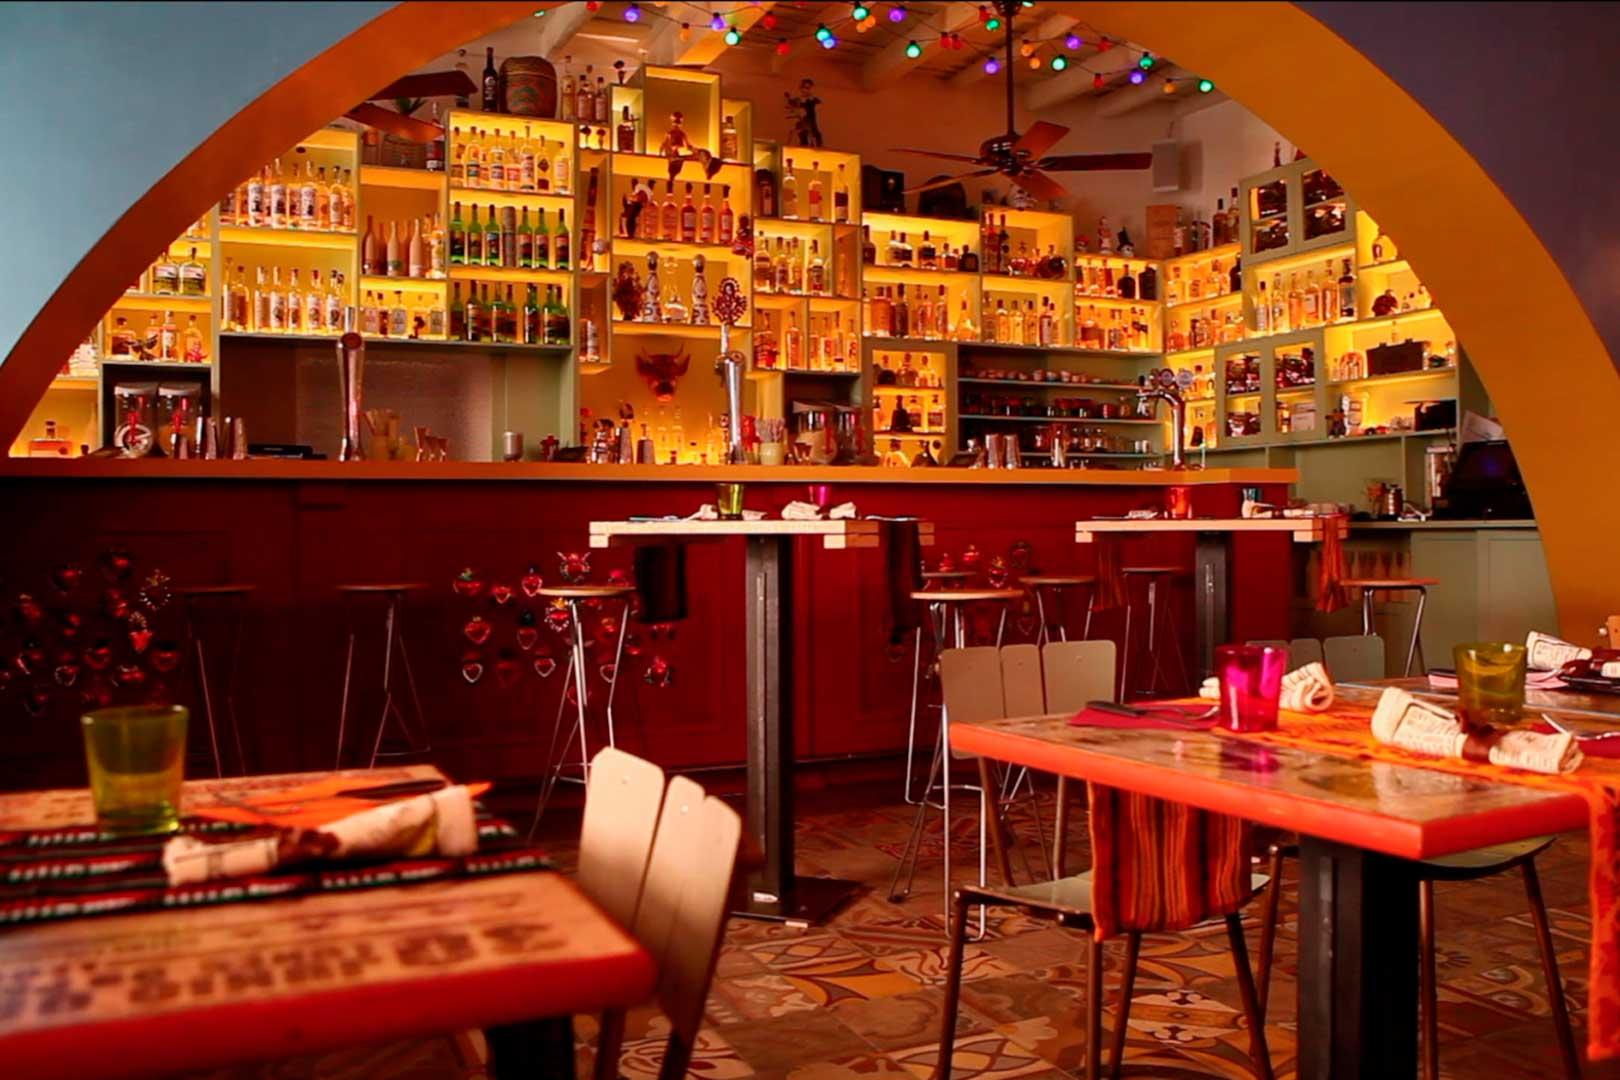 I 10 migliori cocktail bar d'Italia - La Punta